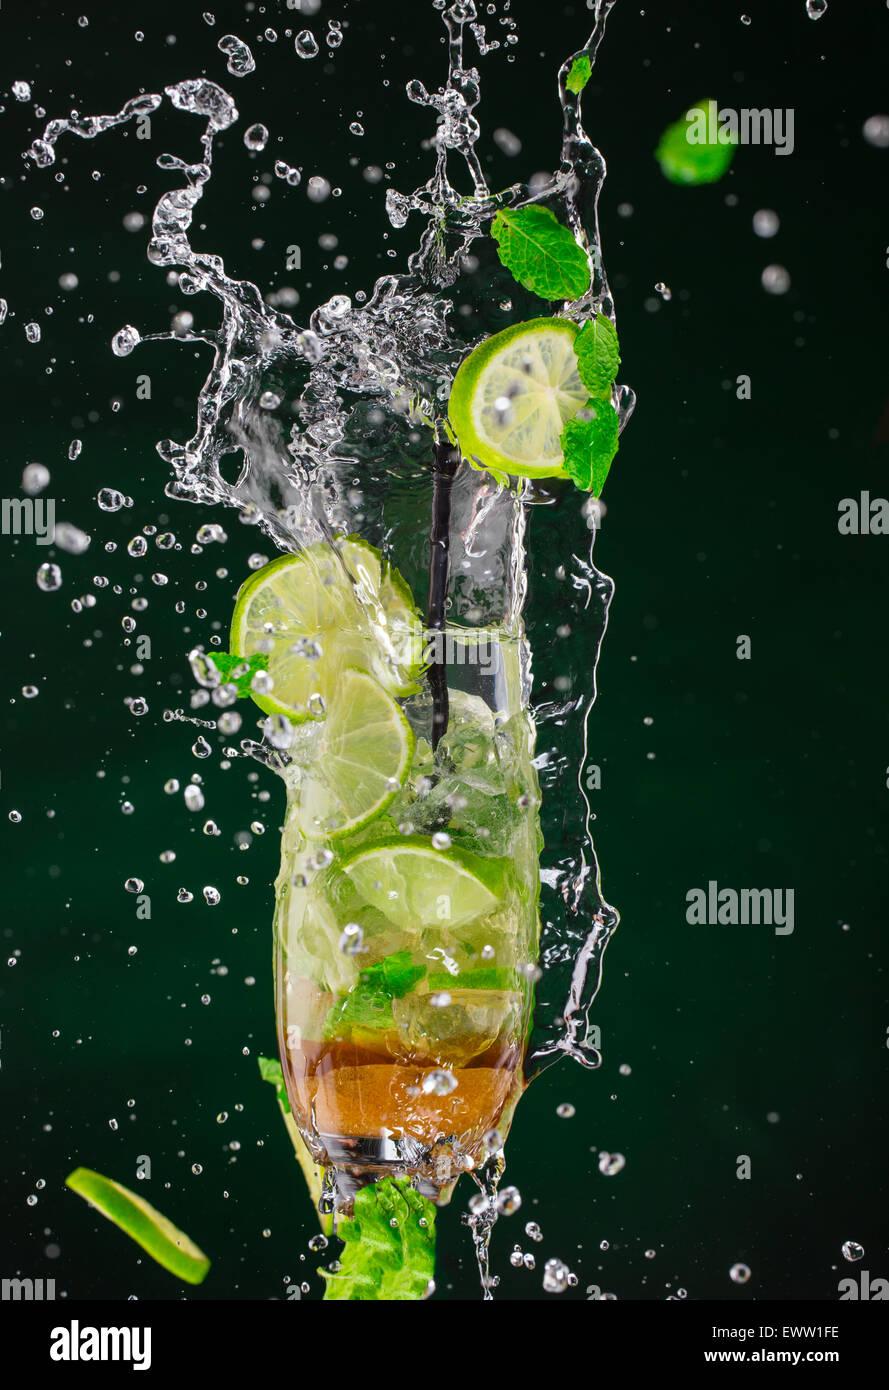 Il Mojito bere schizzi fuori con sfondo scuro Immagini Stock